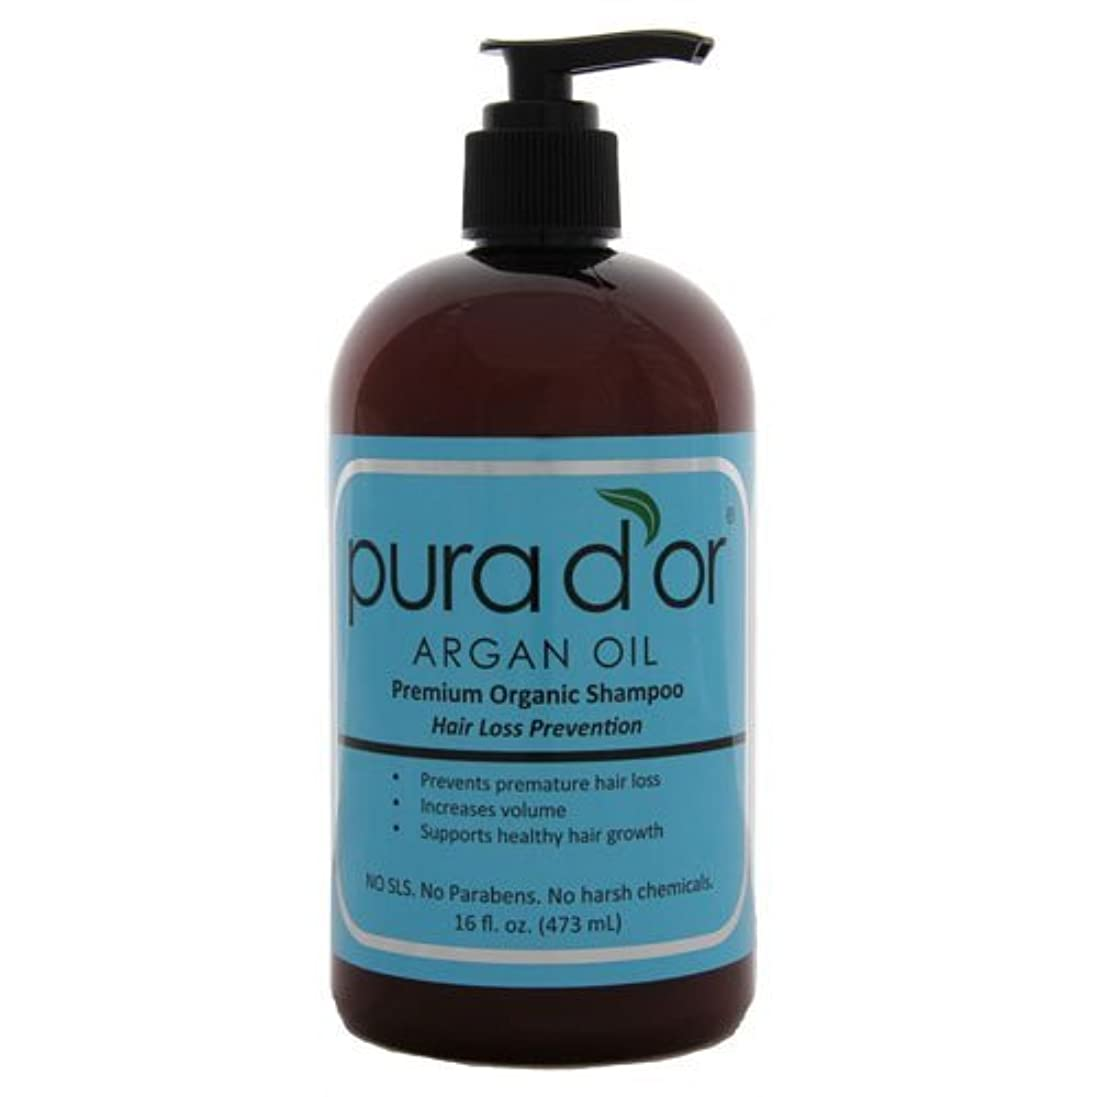 拒否ジョージハンブリー憧れ【オーガニック】 DHTブロッカー シャンプー男女兼用 470ml【並行輸入品】 Pura d'or Hair Loss Prevention Premium Organic Shampoo 16oz